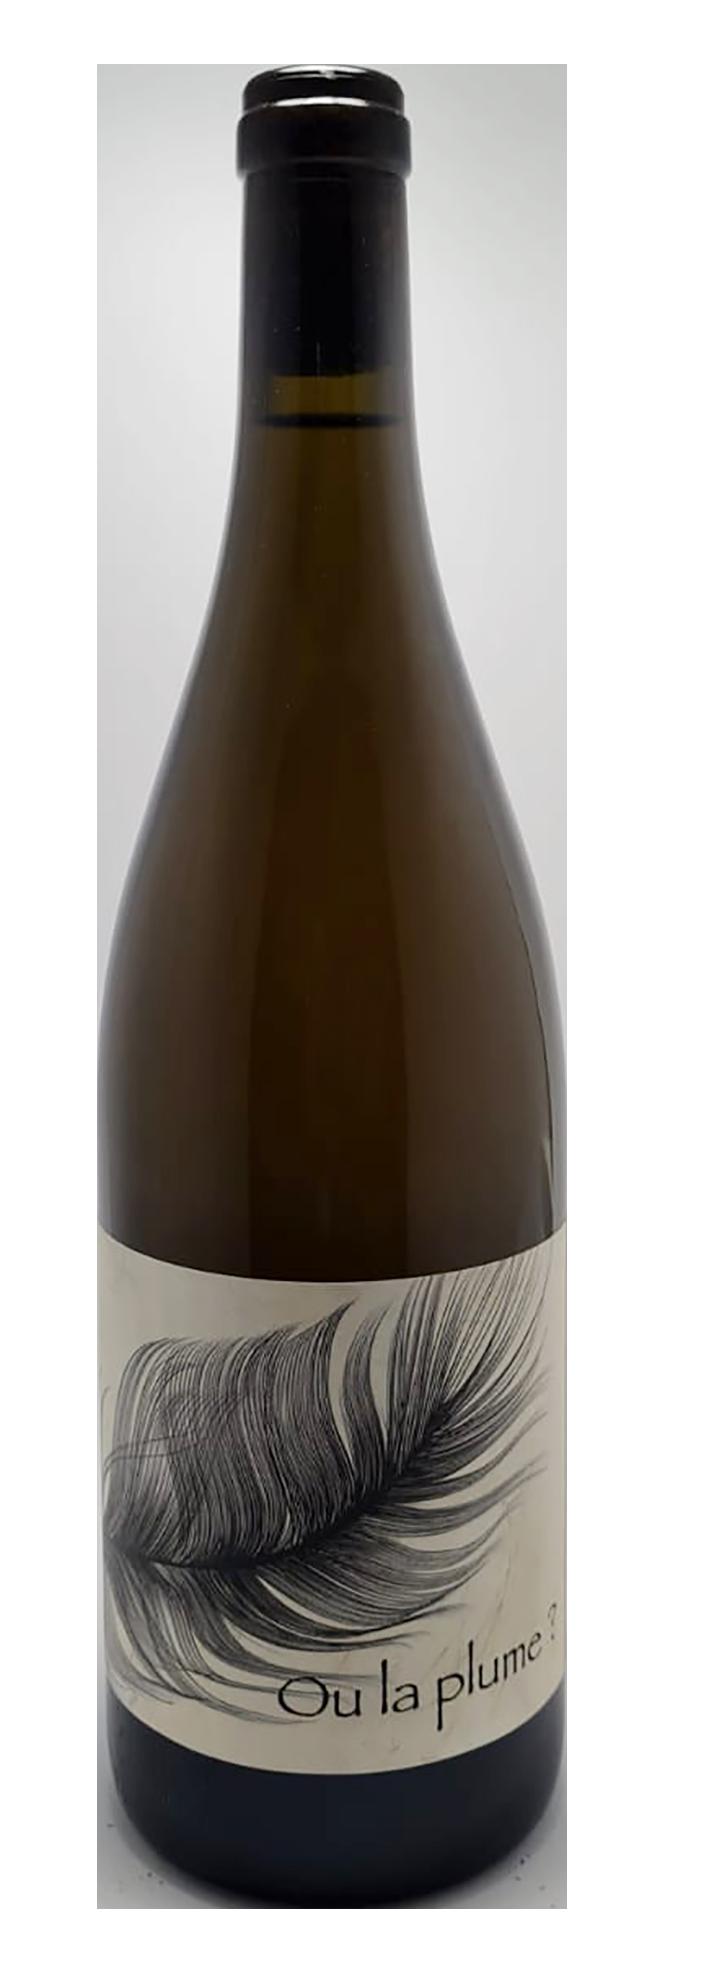 bouteille de vin blanc naturel du roussillon, cuvée Ou la Plume ? Producteur Bonyvresse